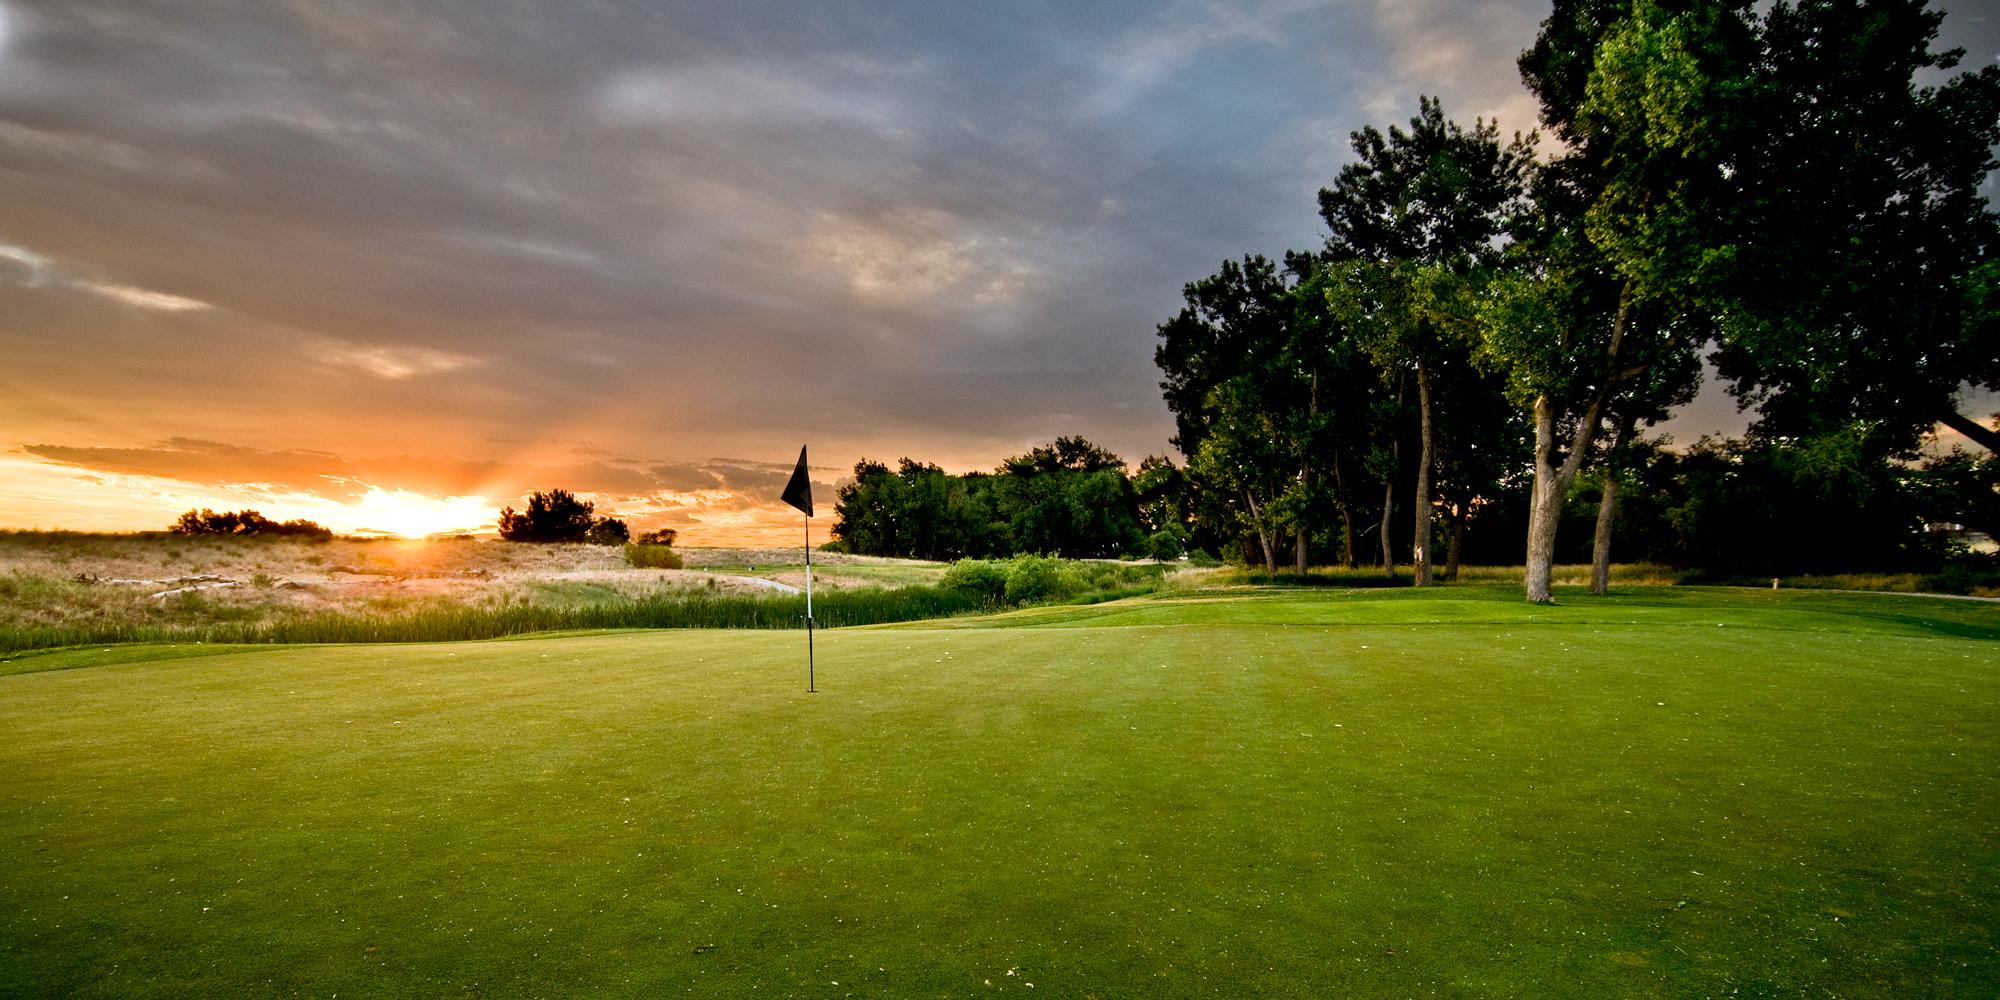 Green Golf golf course in denver, co | public golf course near denver, co